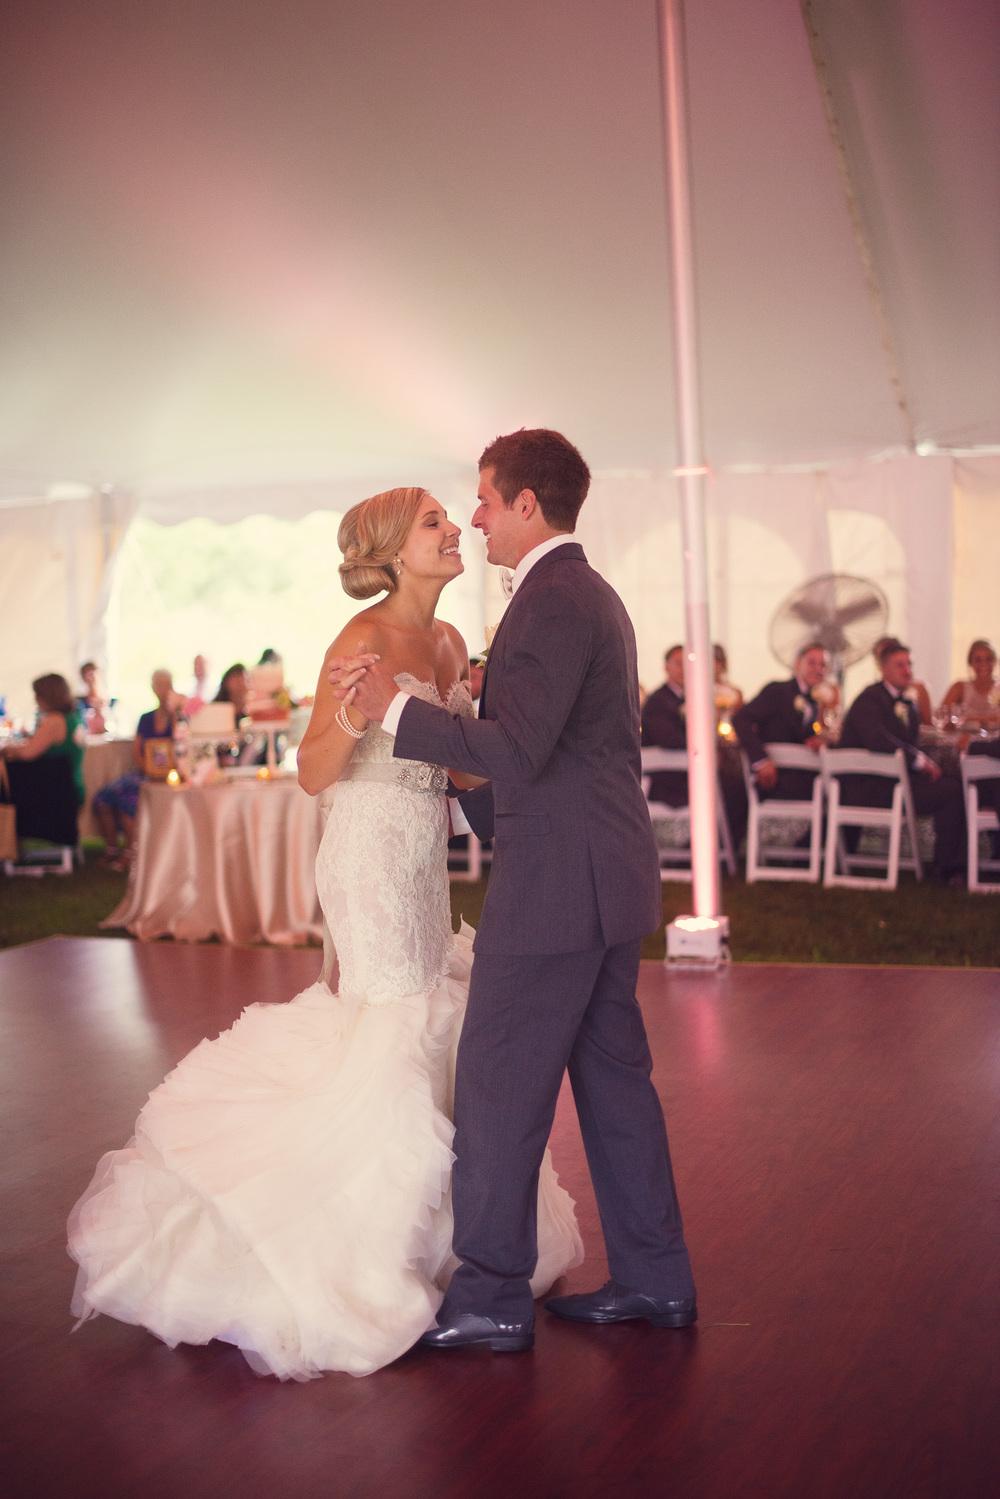 reception dancing first dance bride groom dancefloor